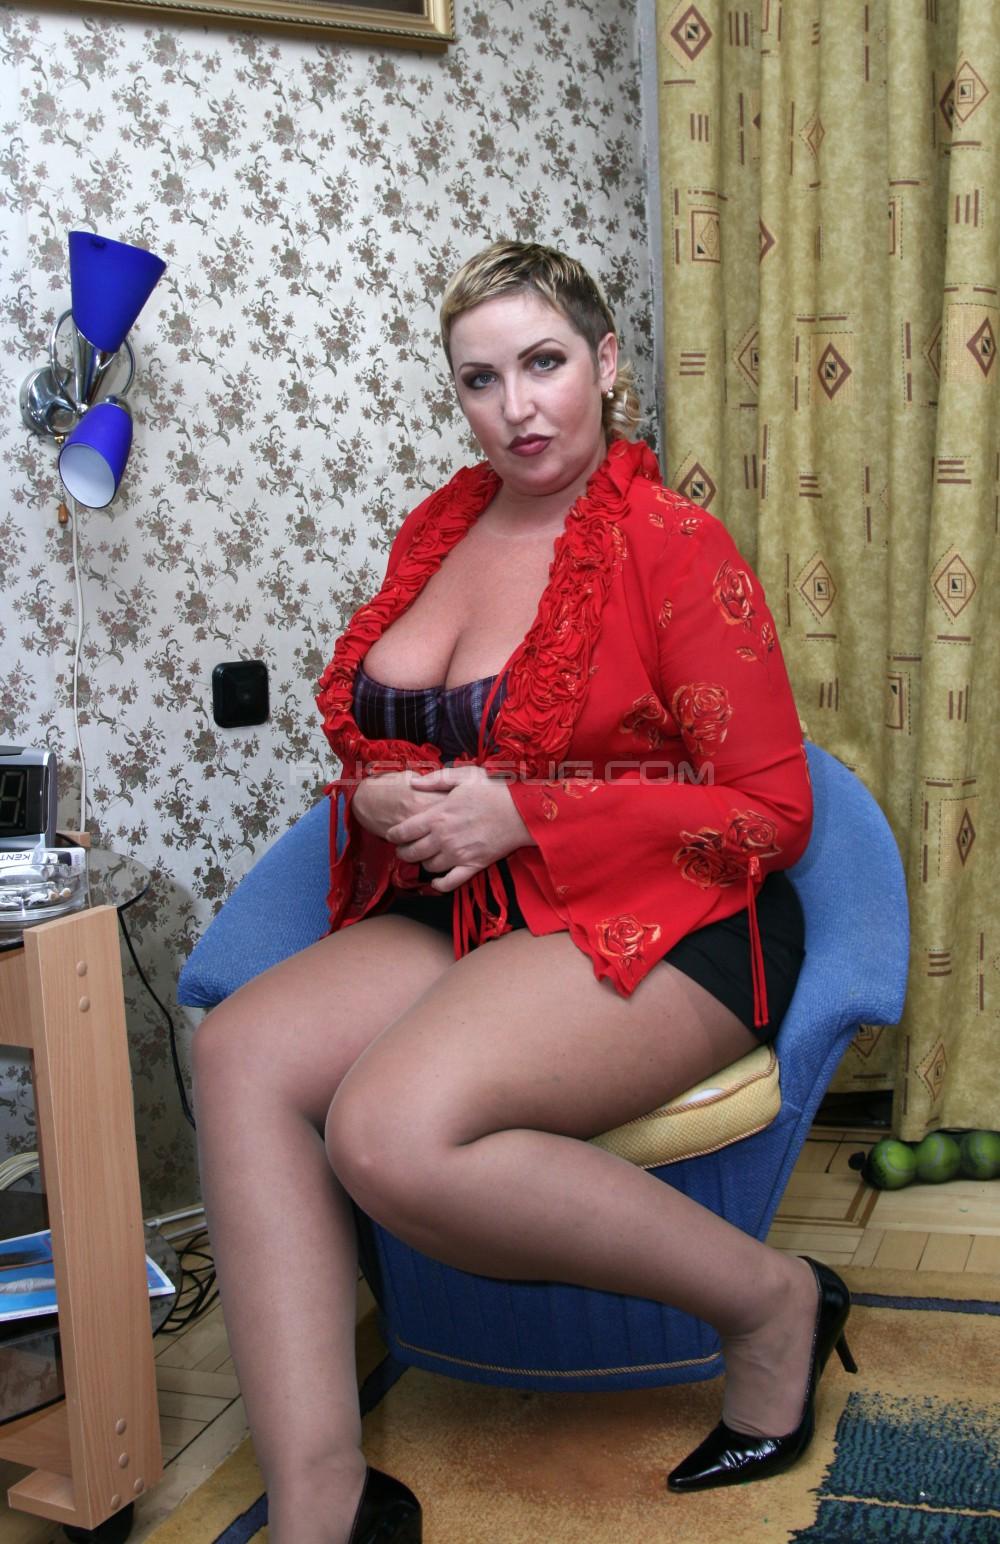 Проститутки санкт петербурга индивидуалки анал до 2000 тысяч рублей ночь 8 фотография